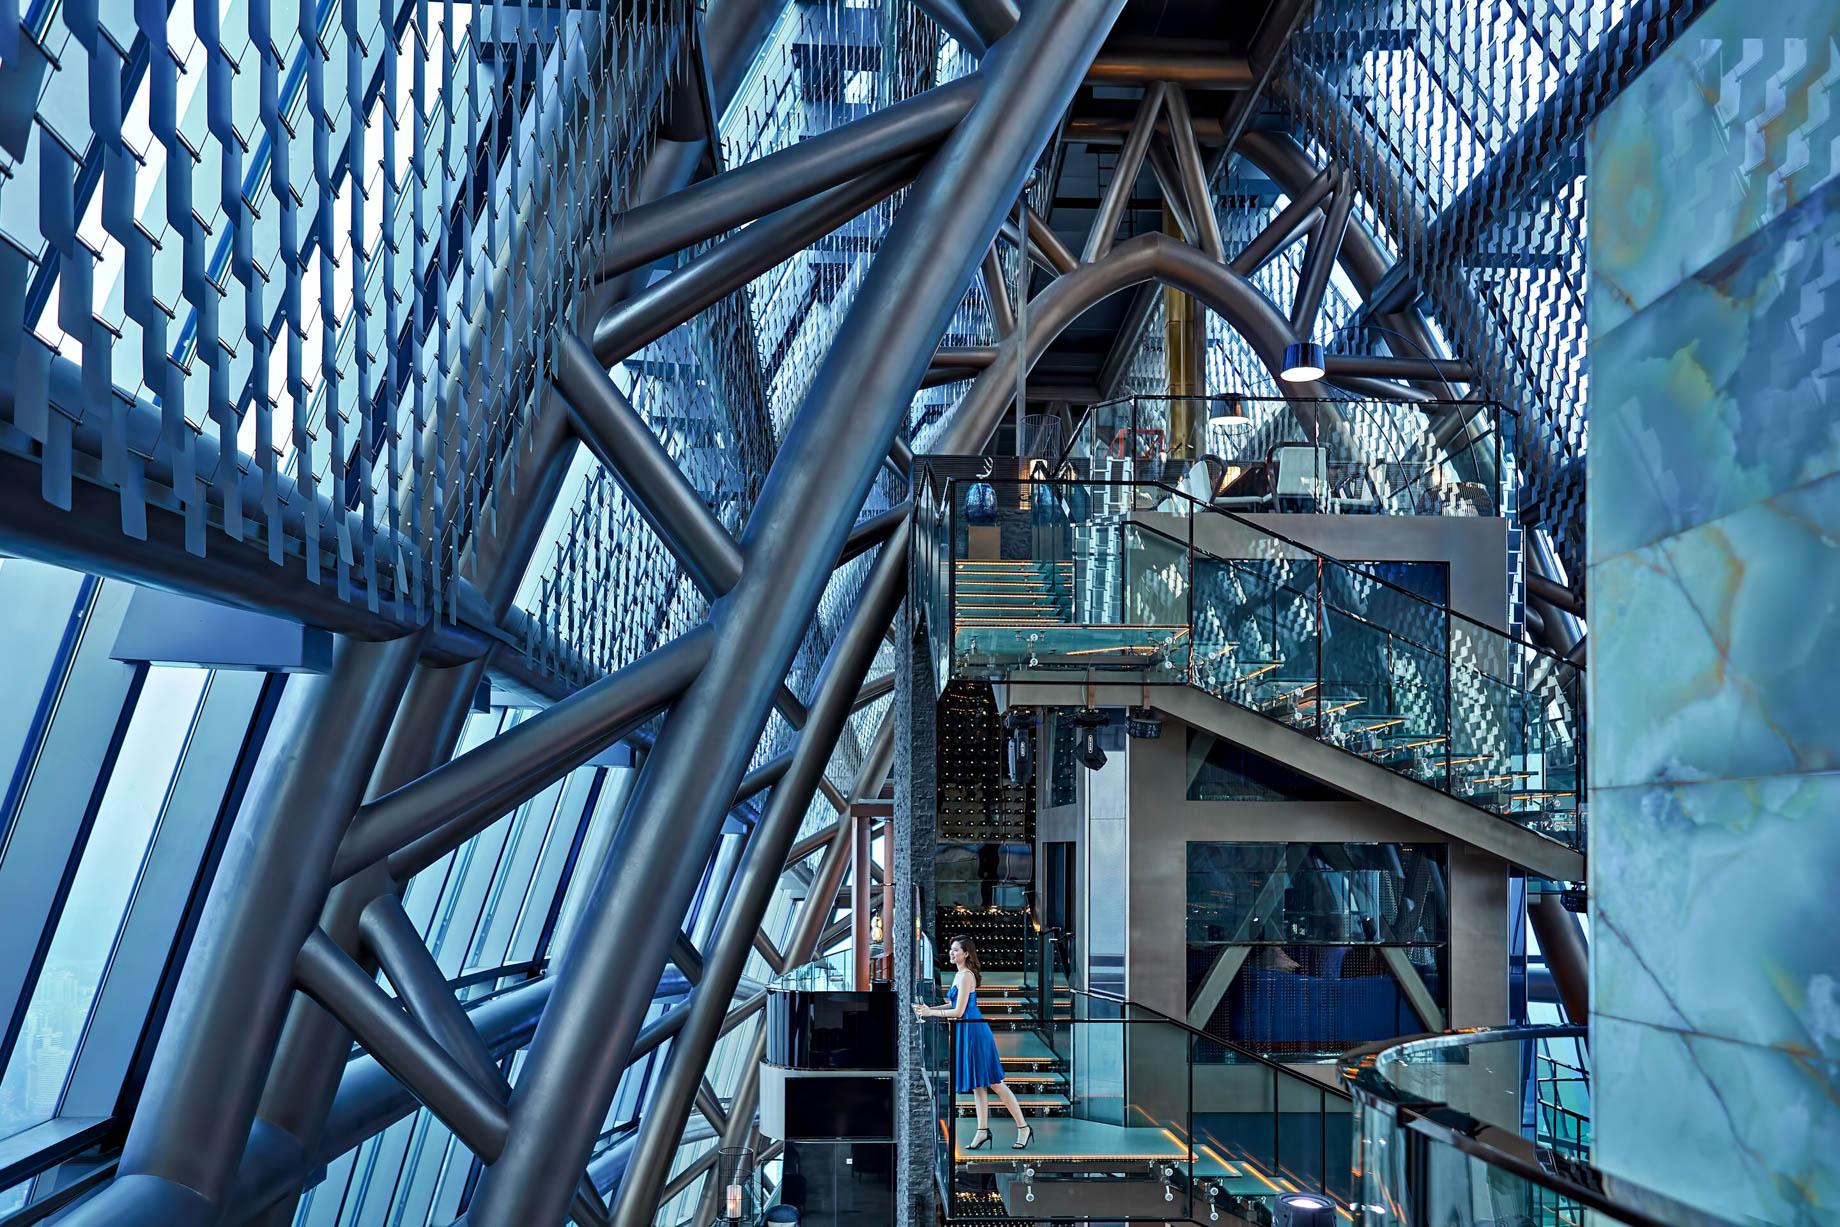 The St. Regis Shenzhen Luxury Hotel - Shenzhen, China - Rooftop 100th Floor Atrium